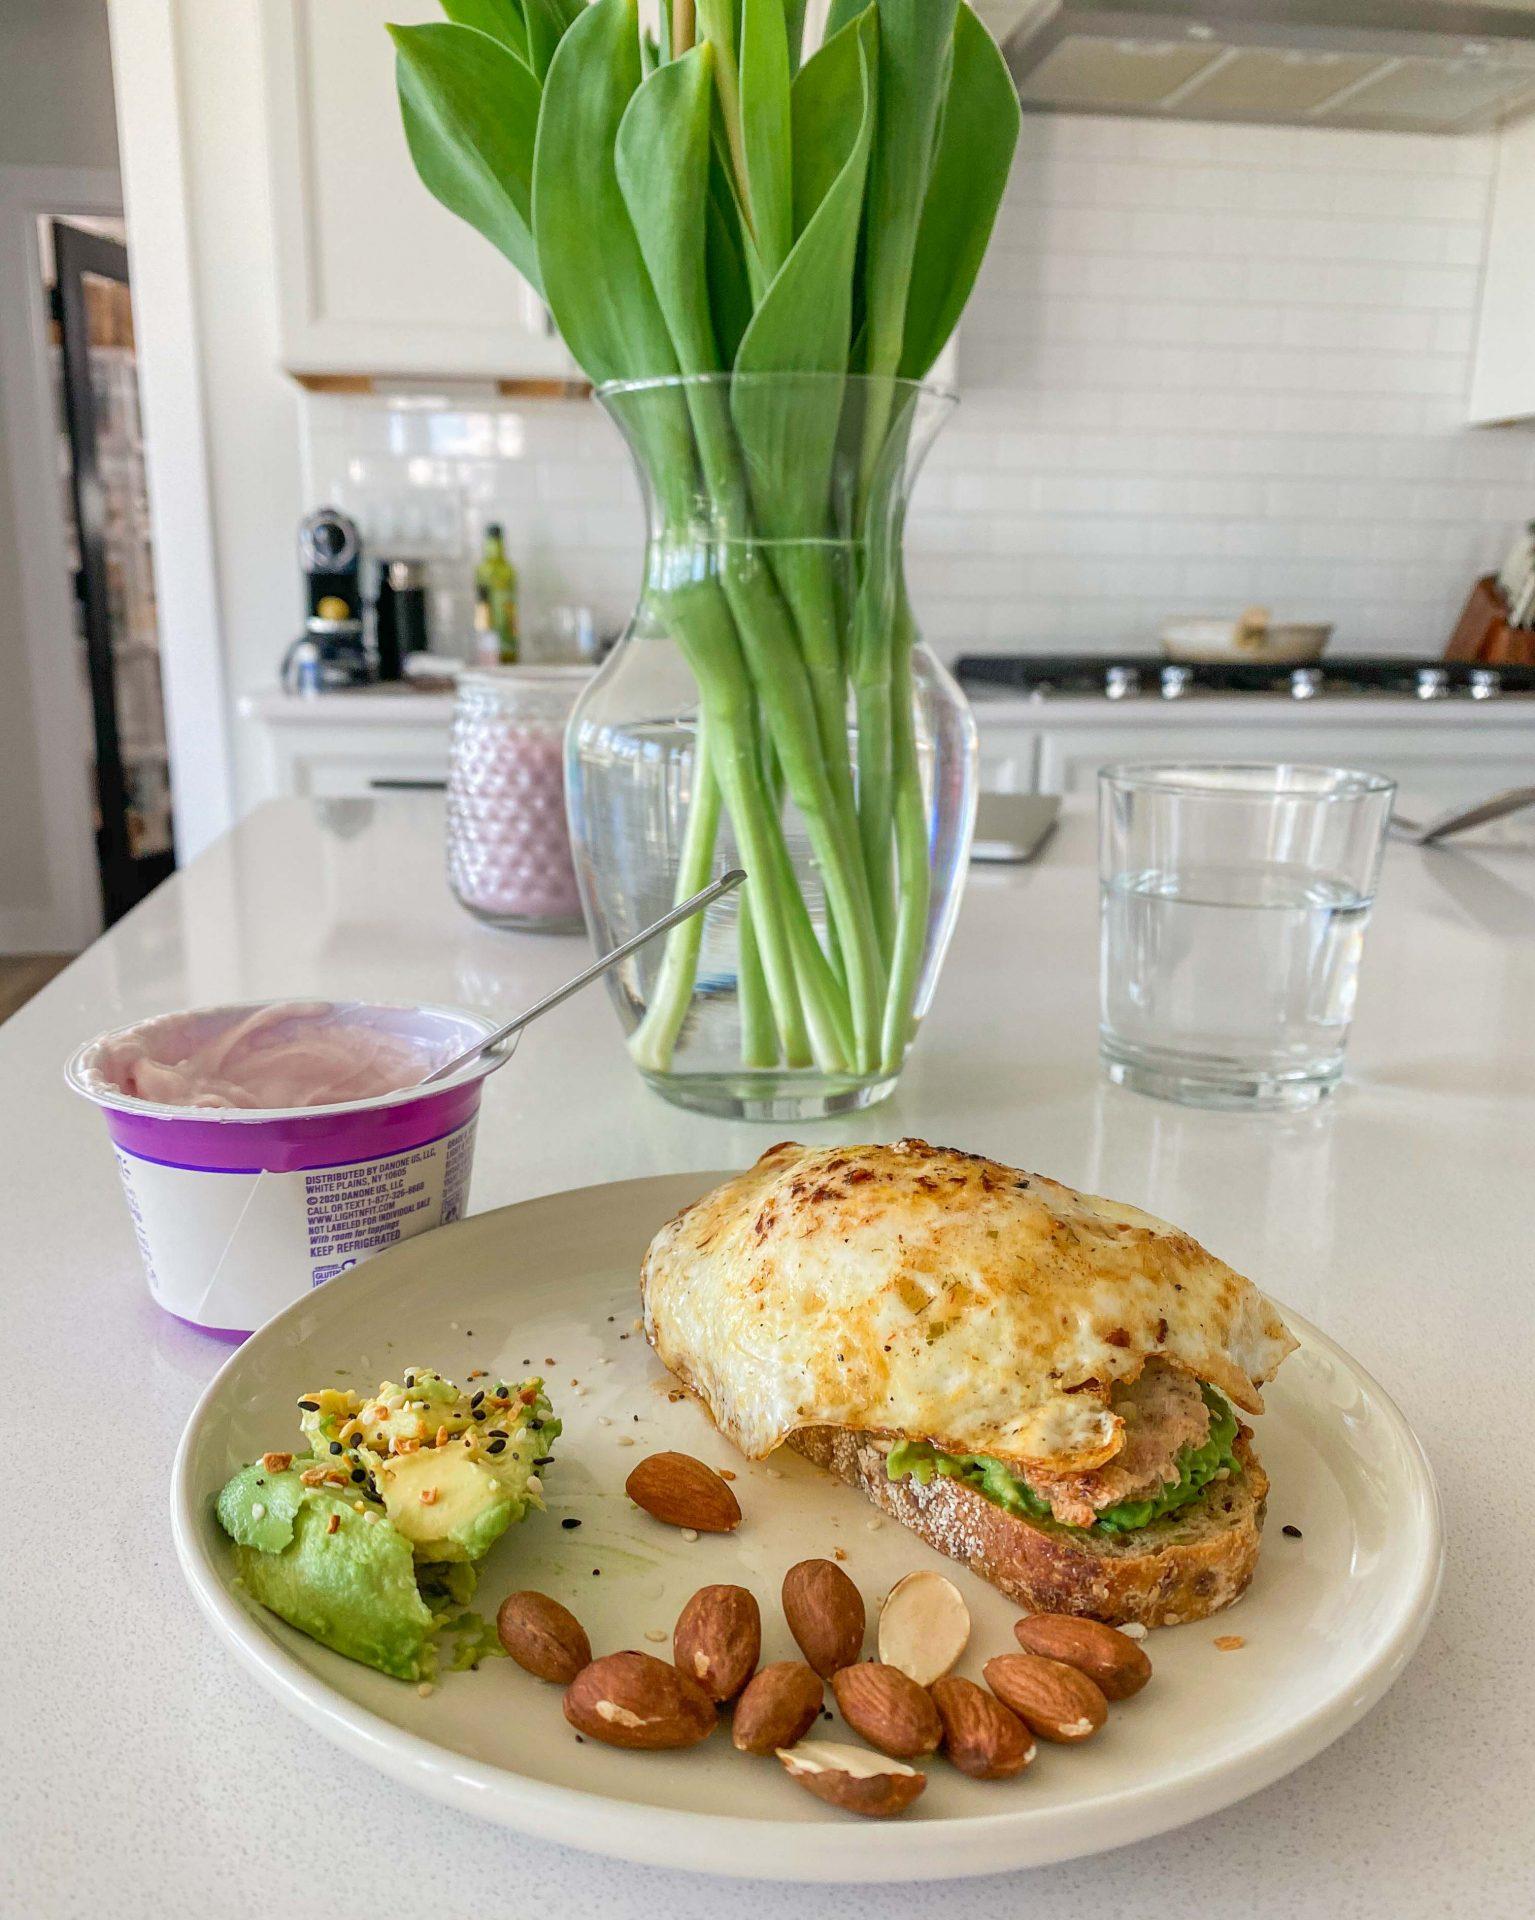 breakfast, egg, Applegate, chicken maple sausage, sandwich, yogurt, almonds, healthy